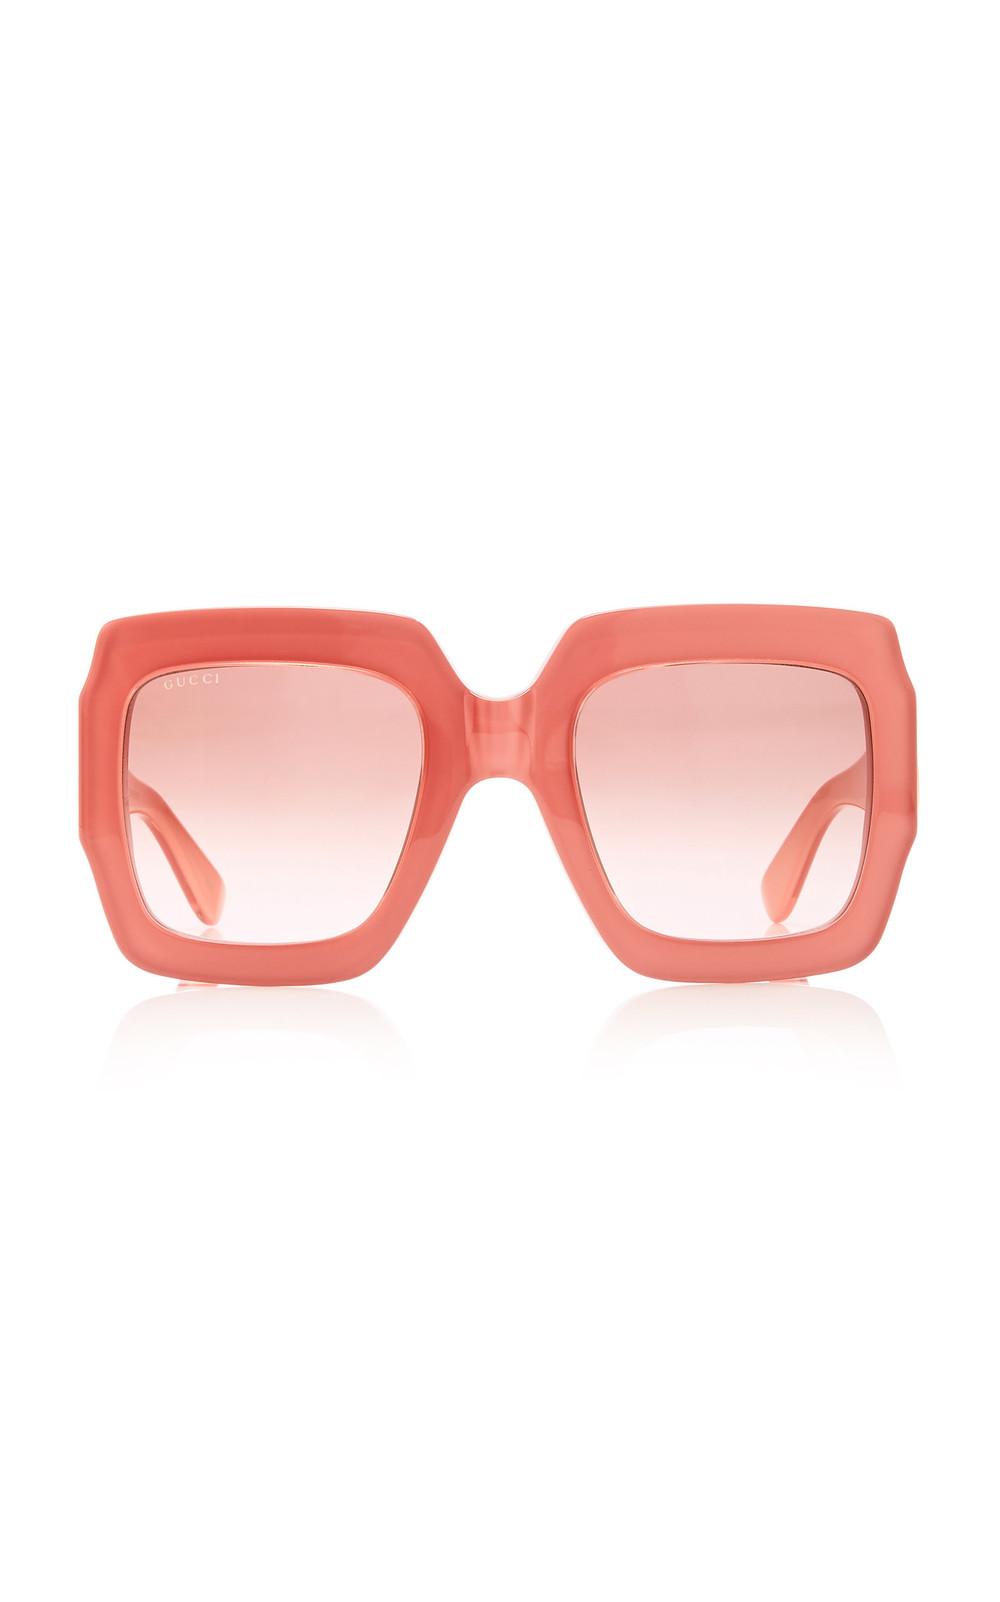 Gucci Sunglasses Pop Web Acetate Square-Frame Sunglasses in pink